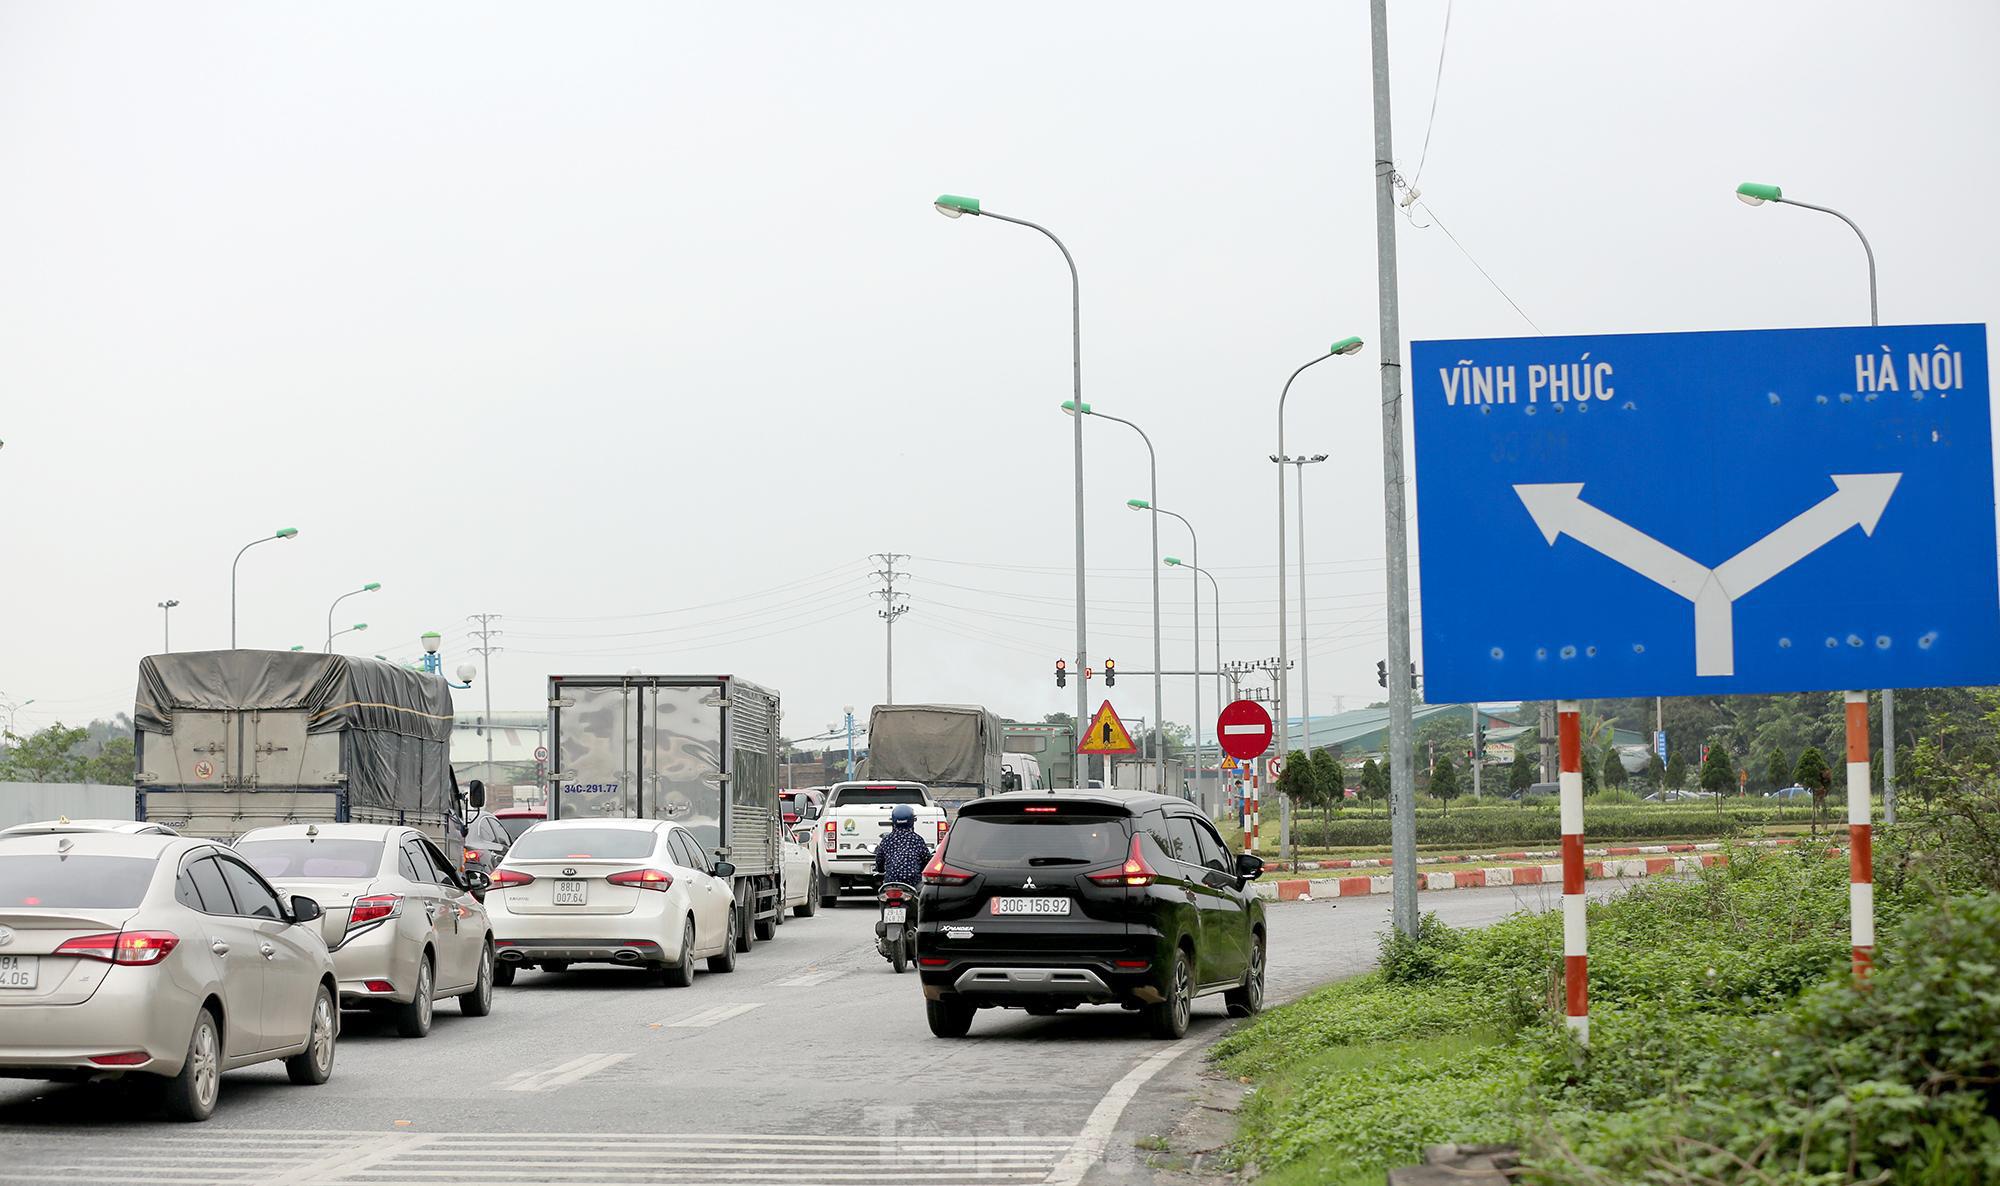 Tuyến đường 2.300 tỷ dài 15 km nối Hà Nội với Vĩnh Phúc hoạt động ra sao? - Ảnh 8.